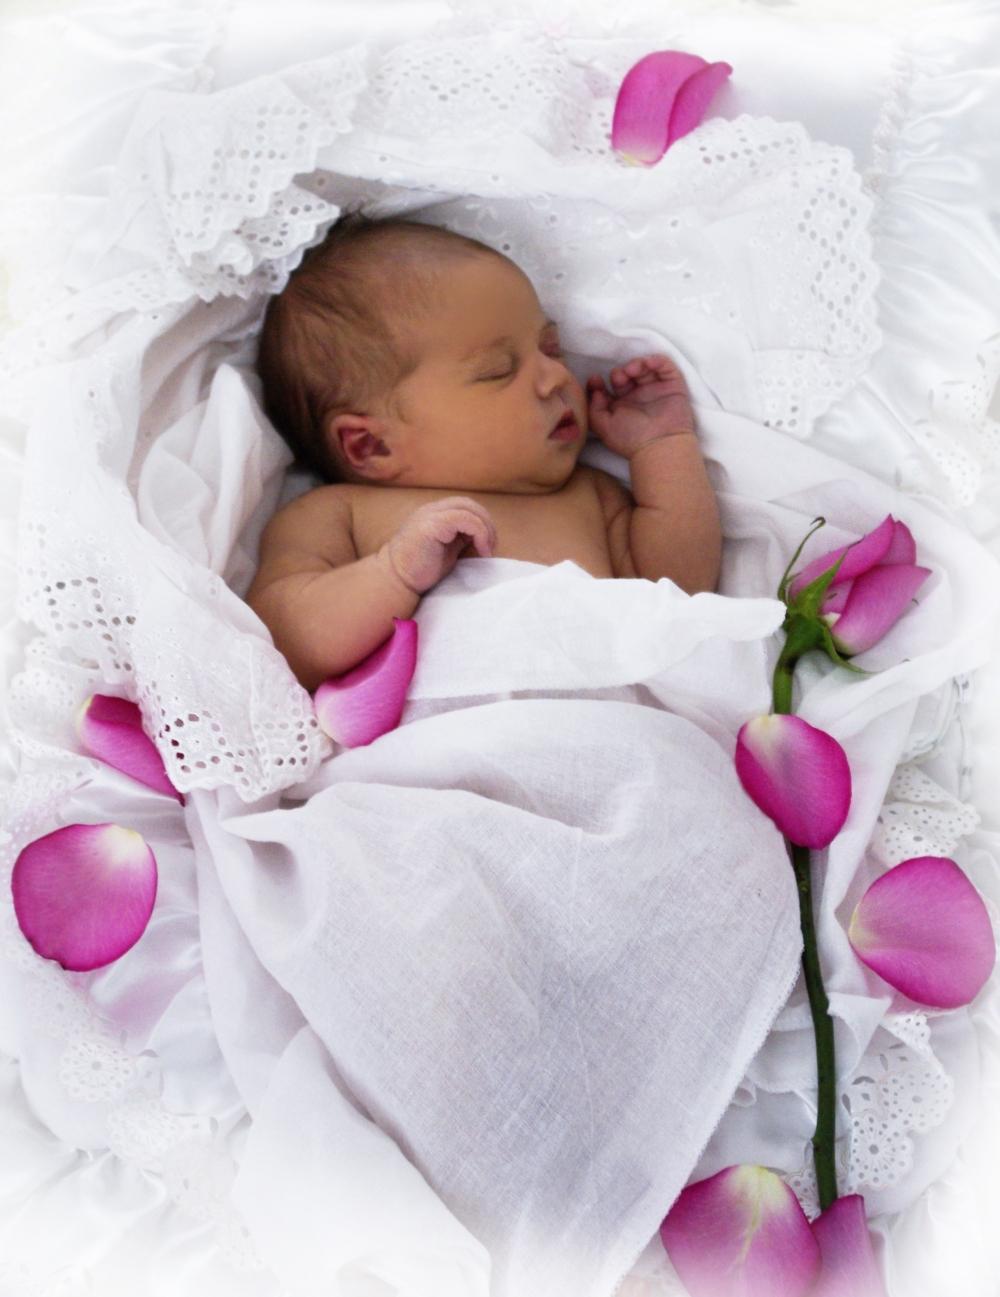 10 интересных фактов о новорождённых